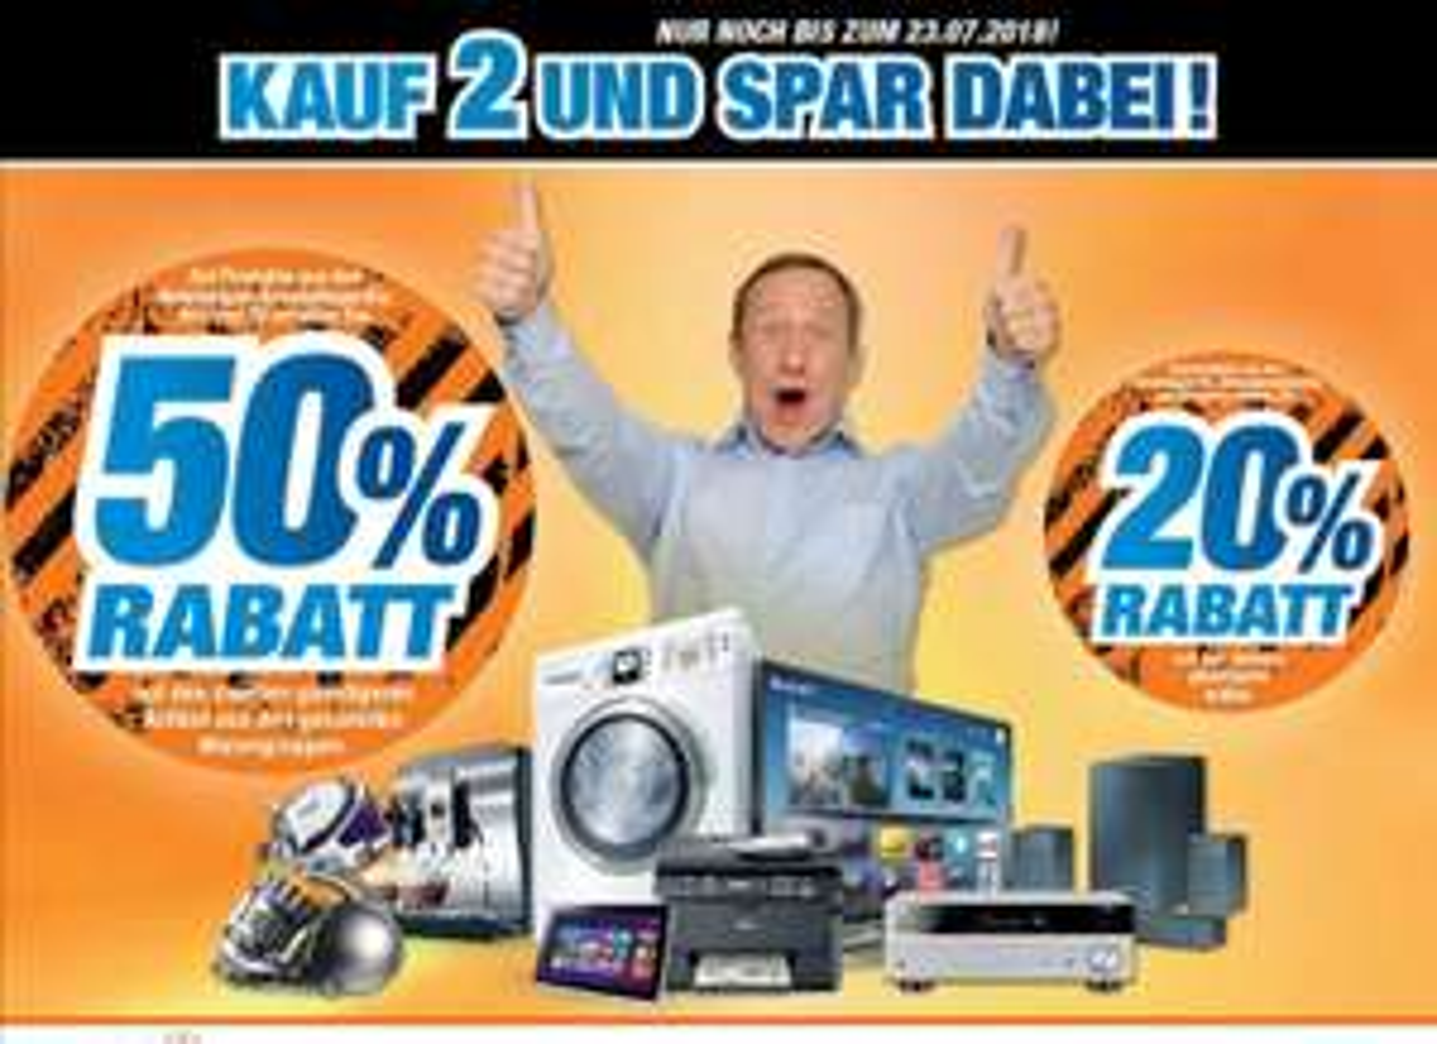 [Lokal Lingen] Expert - Spare 50% auf den günstigeren zweiten Artikel in TV, Hifi & Haushaltsgeräte